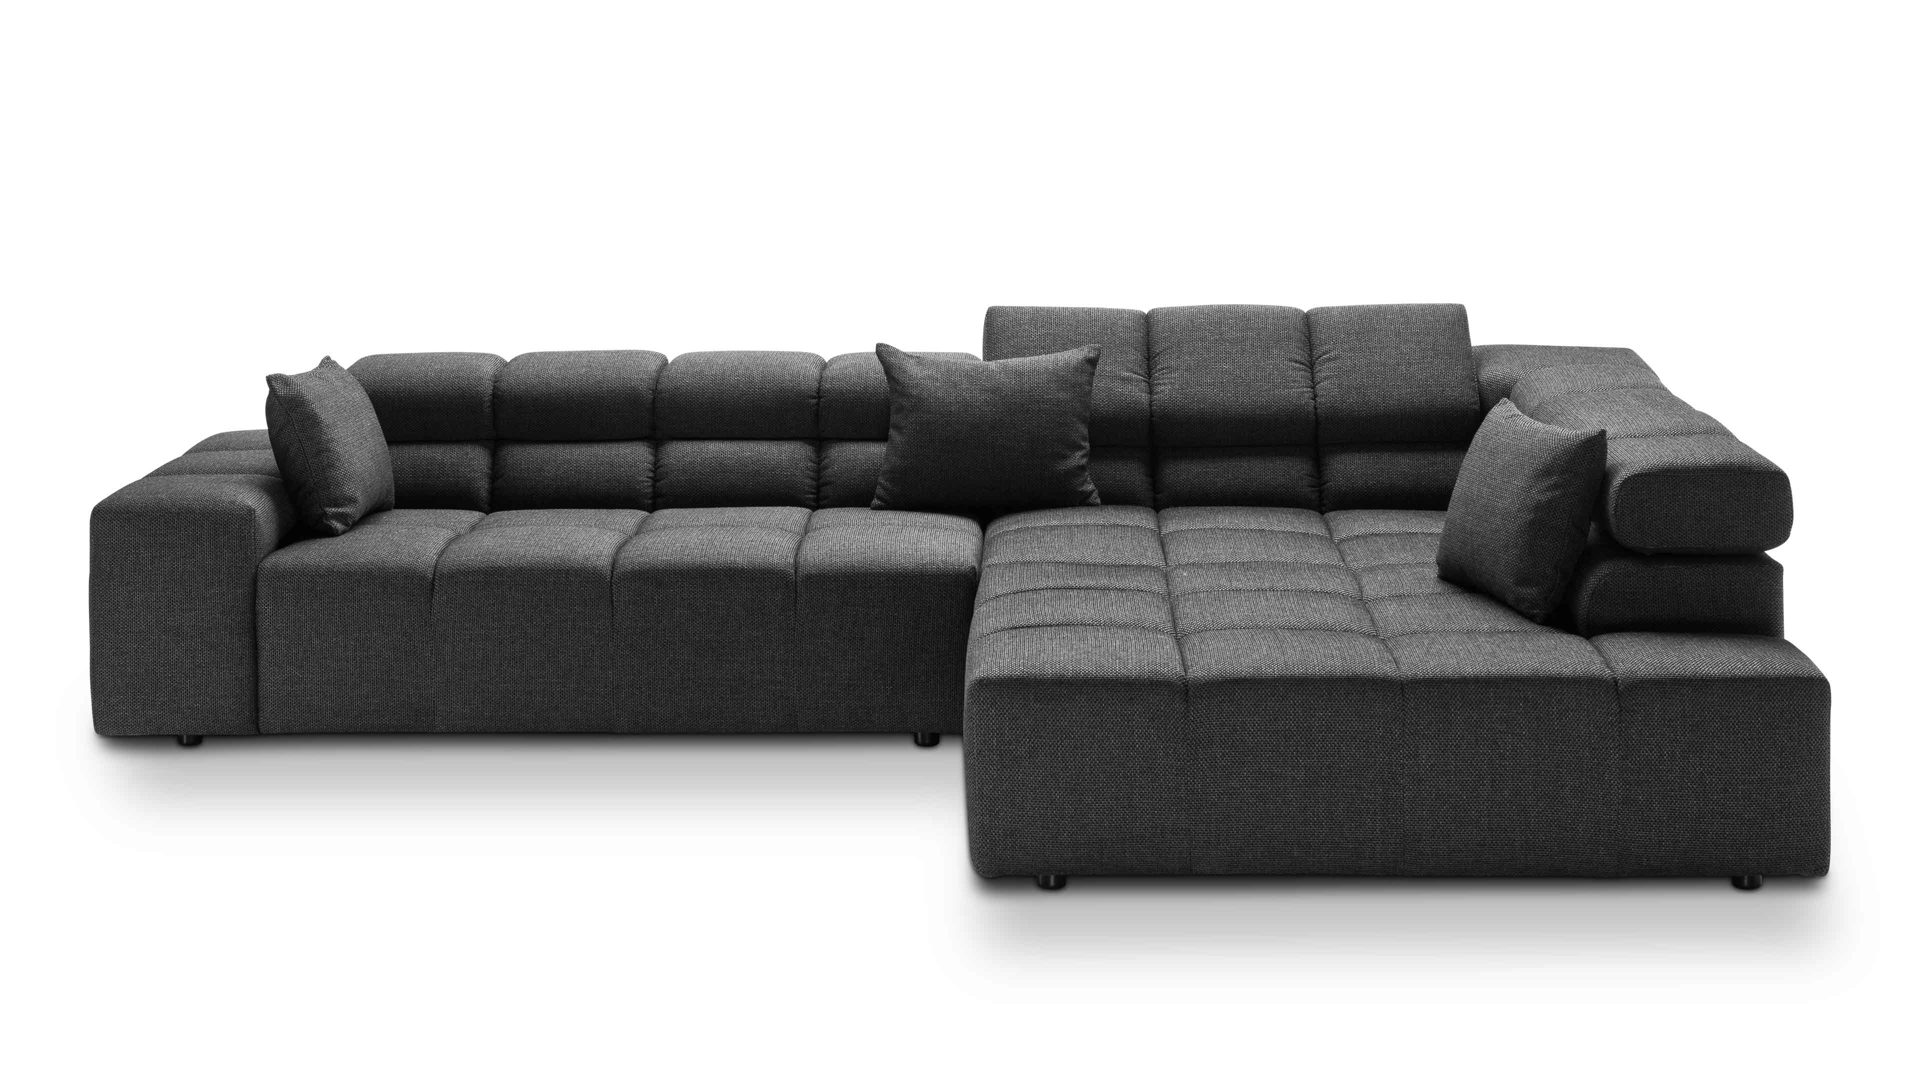 Liegemöbel sofakultur lounge ecksofa ecksofa sitzmöbel und liegemöbel